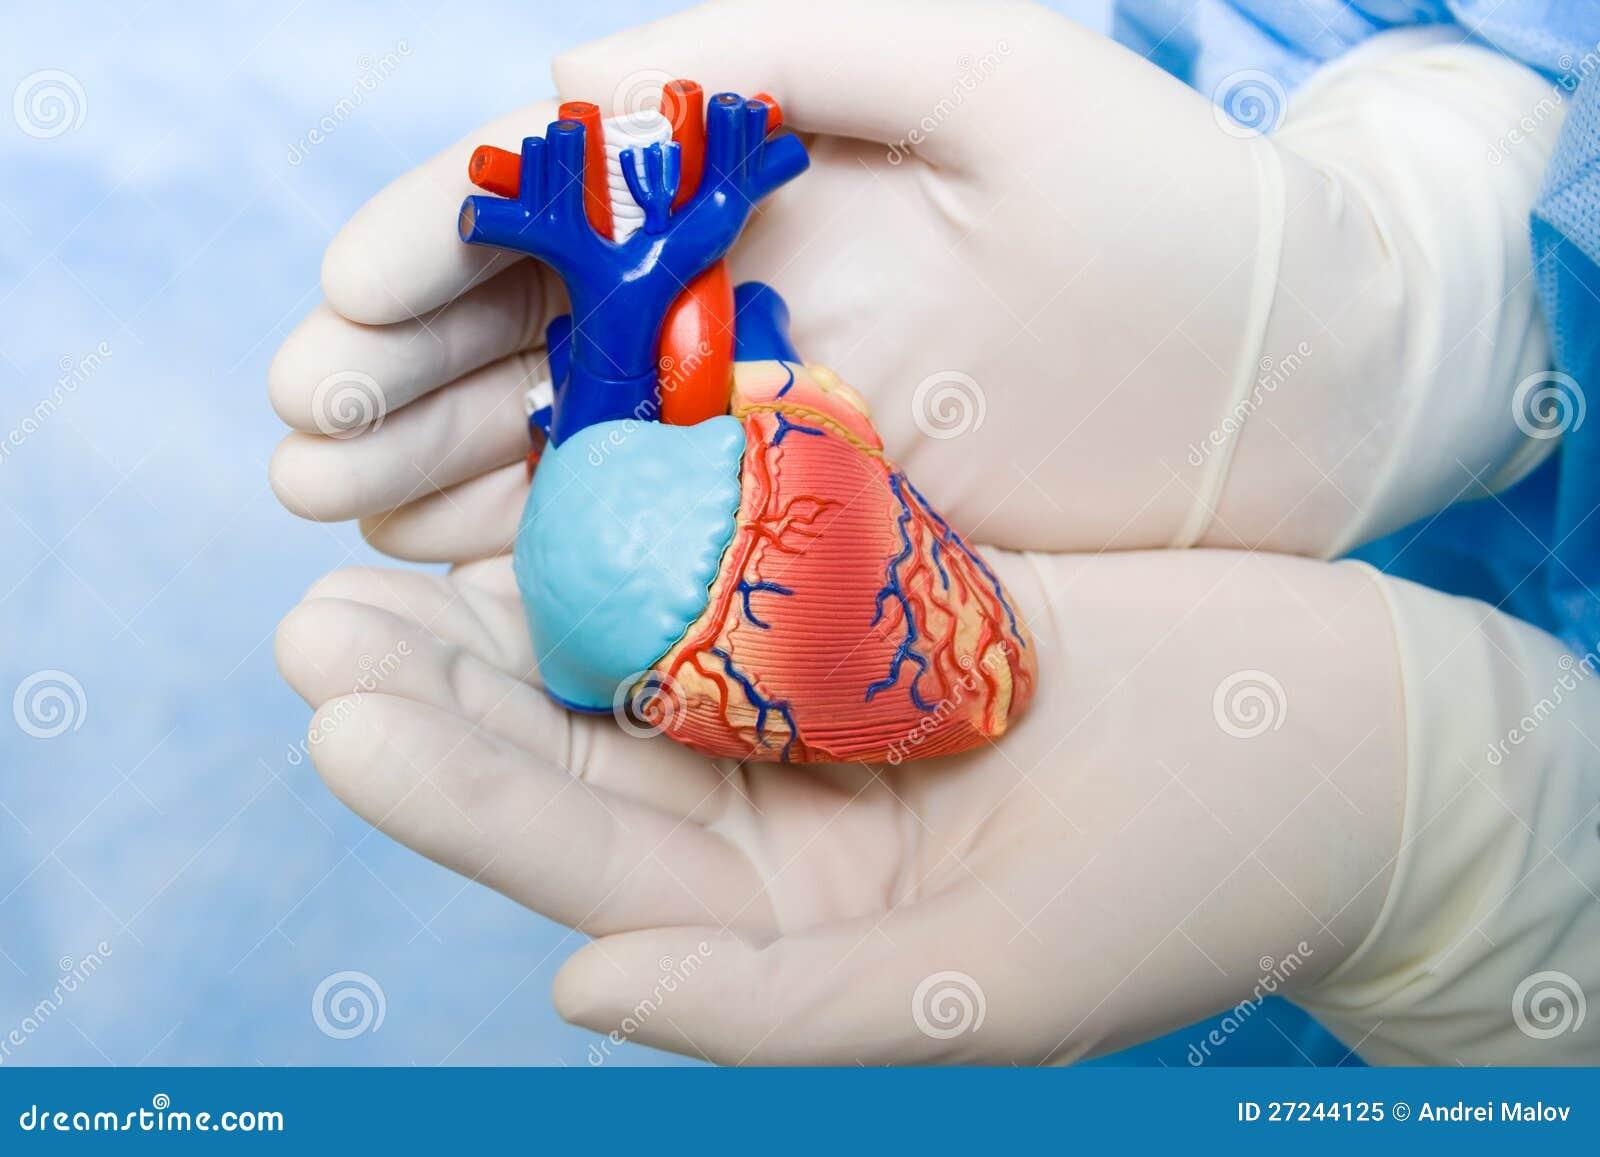 Human heart in doctor s hands